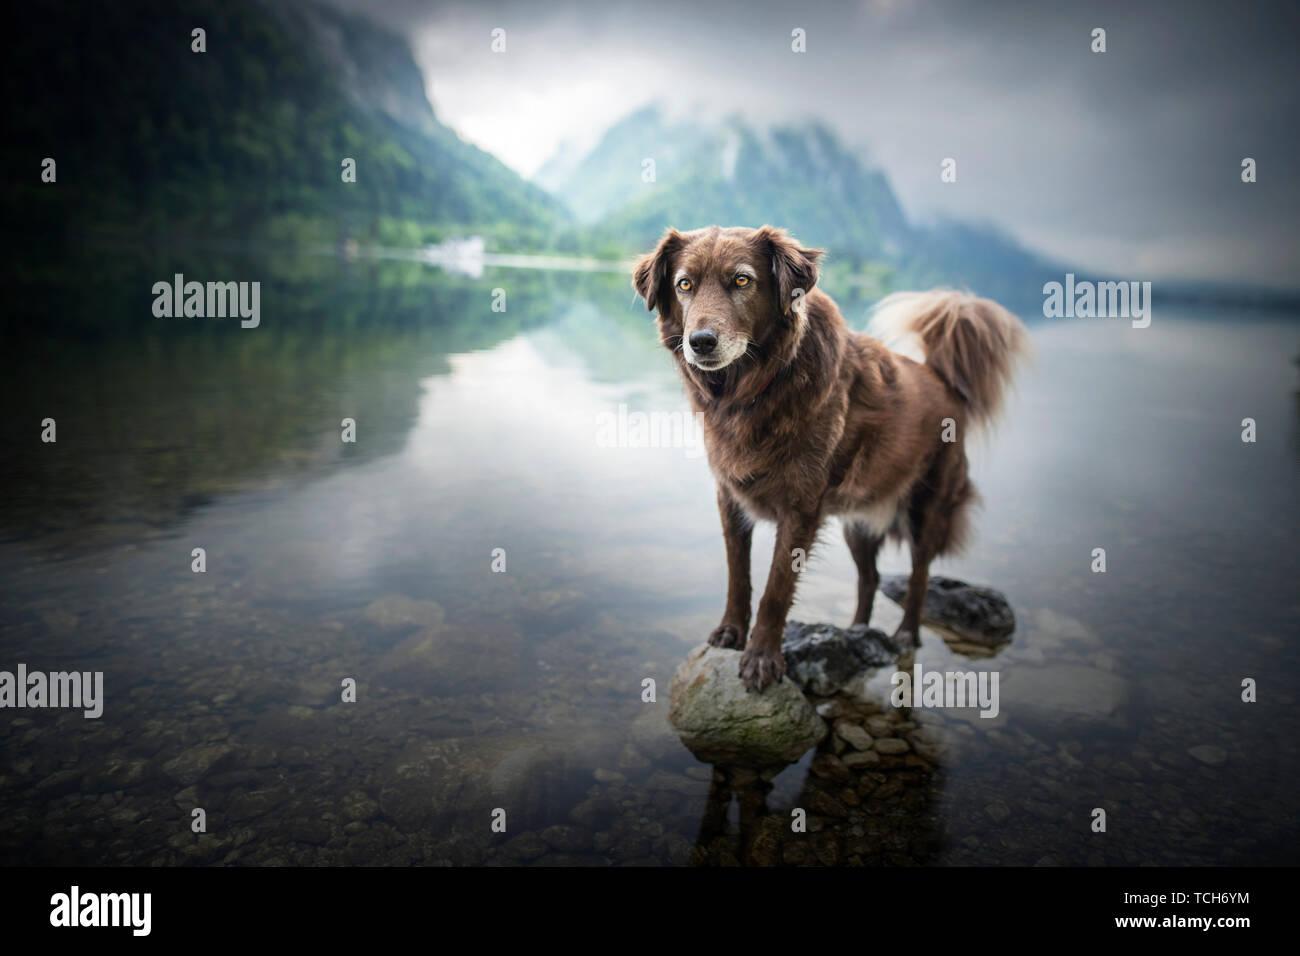 Perro en un bello paisaje. Perro en el lago entre las montañas. Viajar con el mejor amigo del hombre. Foto de stock